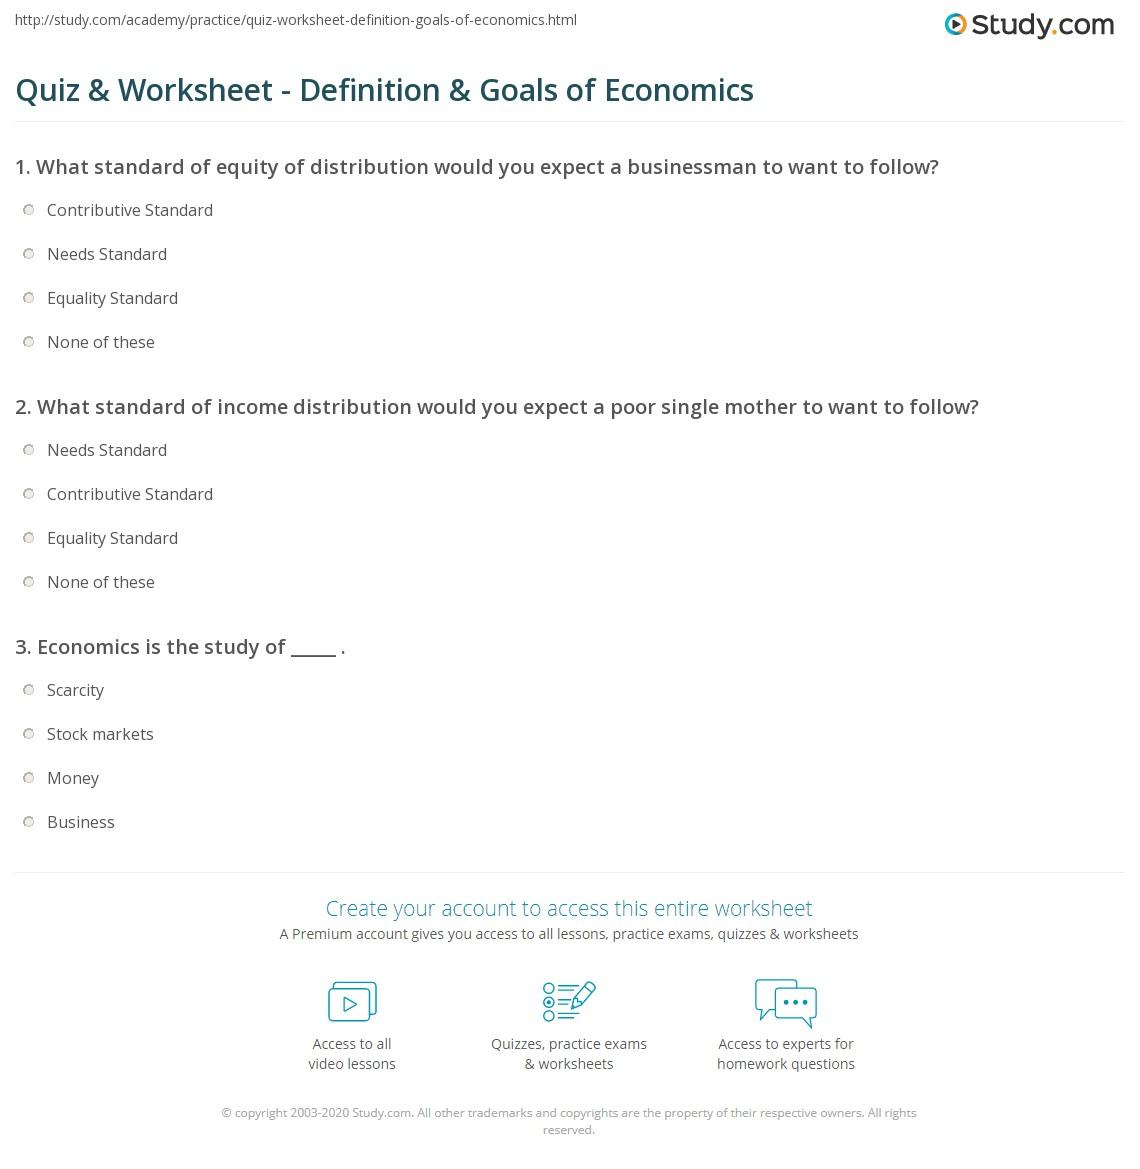 Quiz W Ksheet Def Iti Go Ls Of Ec Omics Study